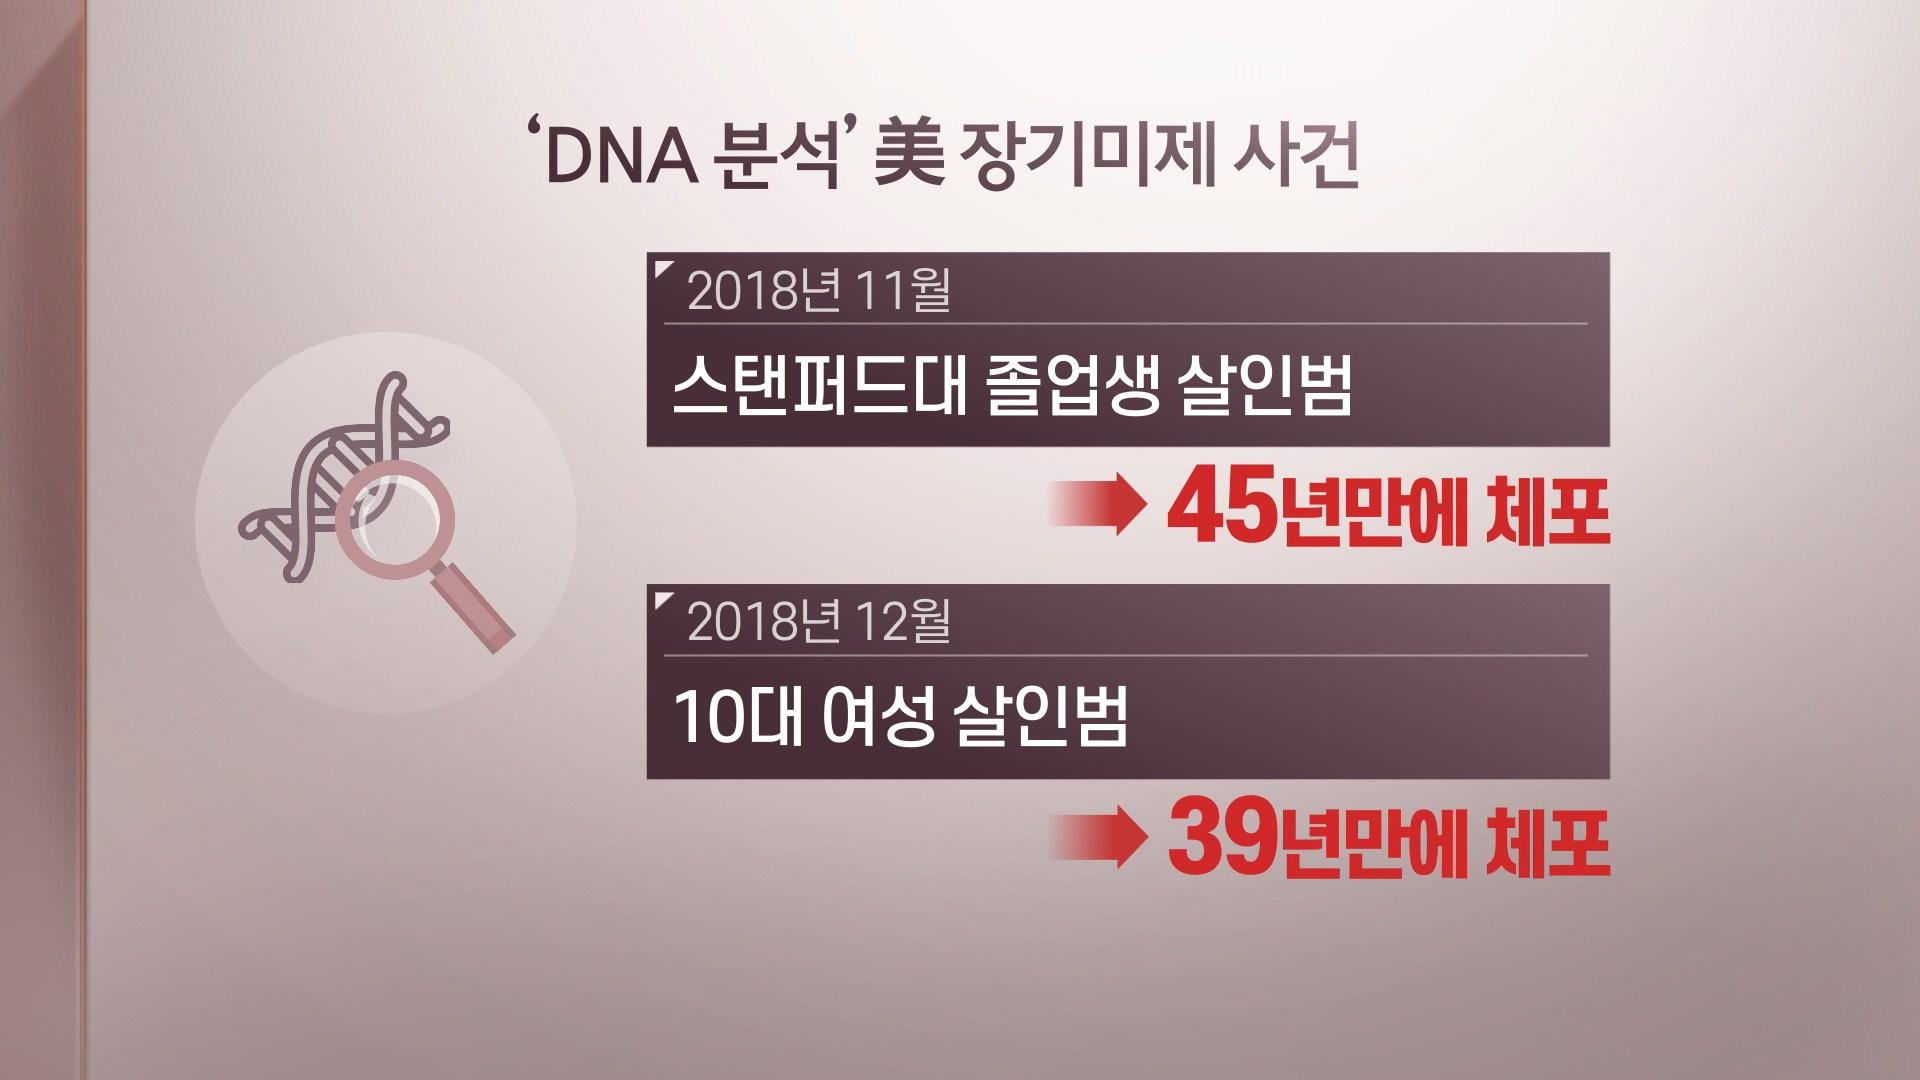 미국도 DNA 분석으로 수십년 미제 사건 해결